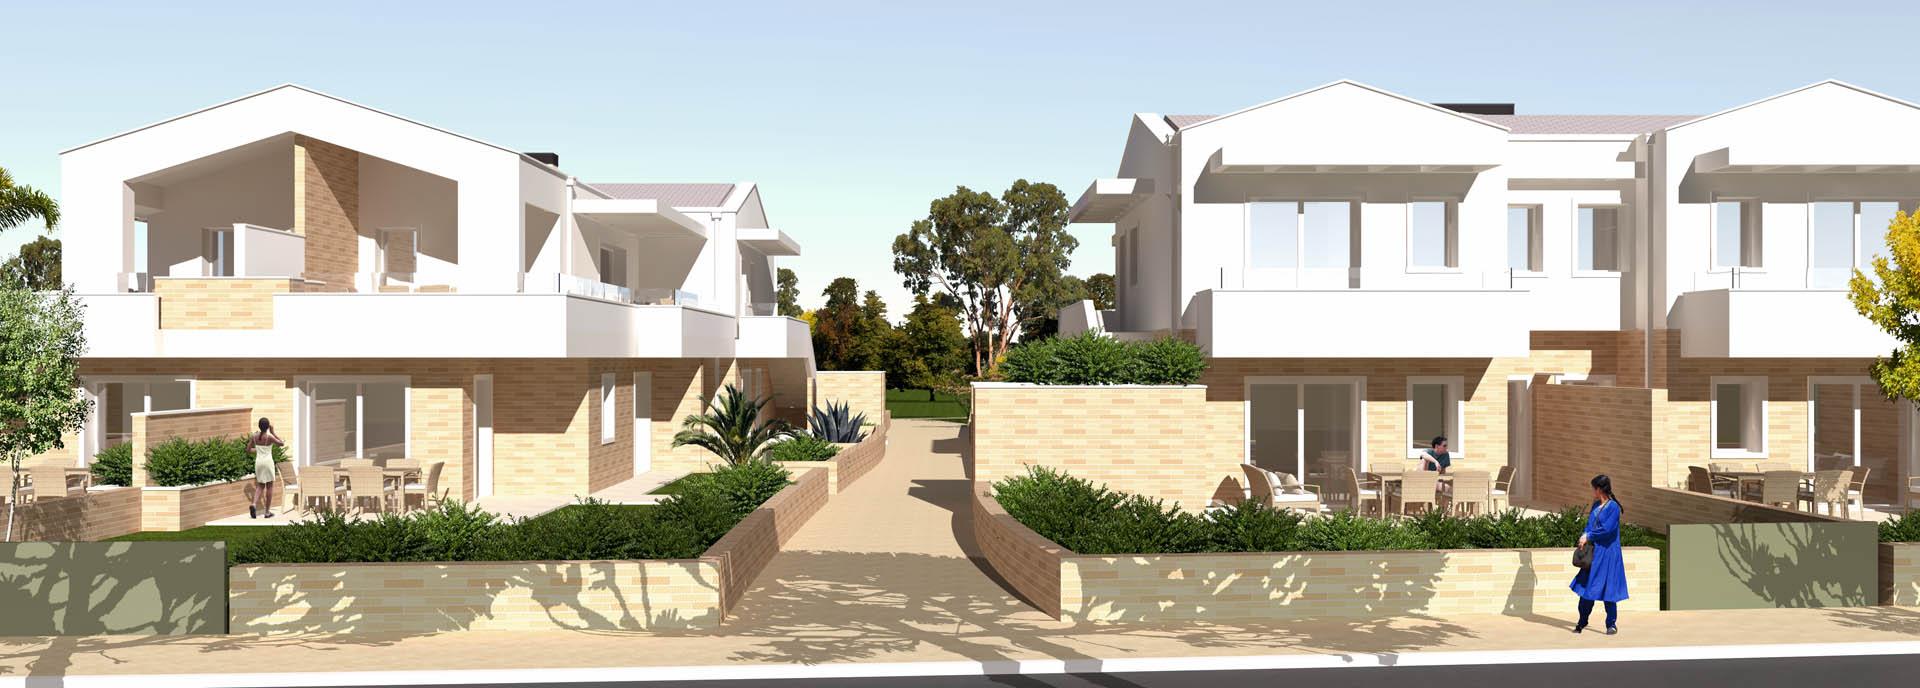 Studio Matteoni Complesso residenziale Casa Panzini